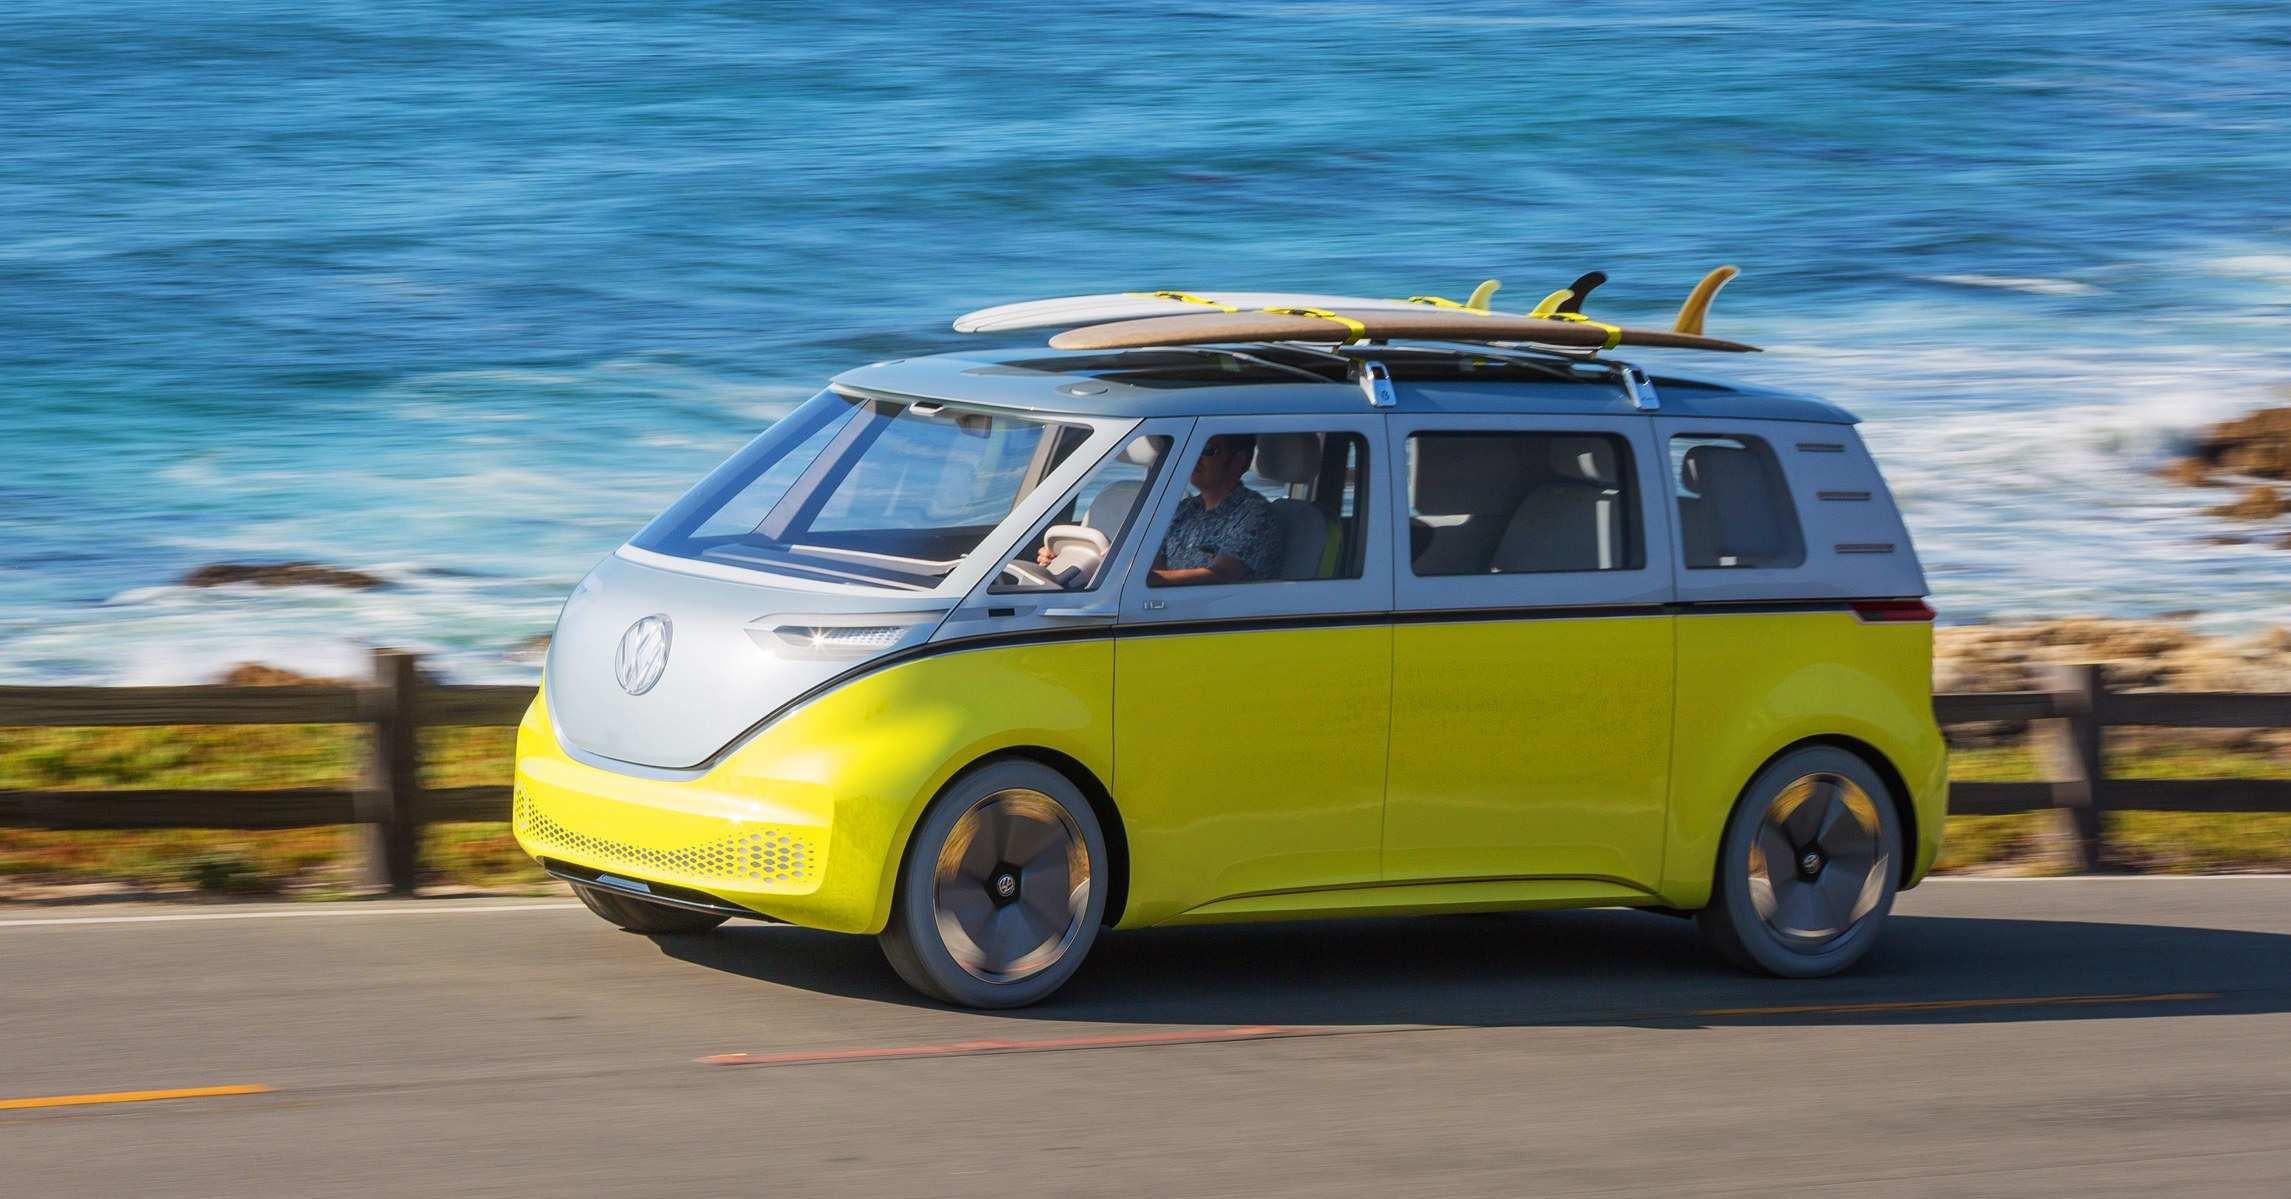 69 New Volkswagen Minibus 2020 Redesign and Concept with Volkswagen Minibus 2020